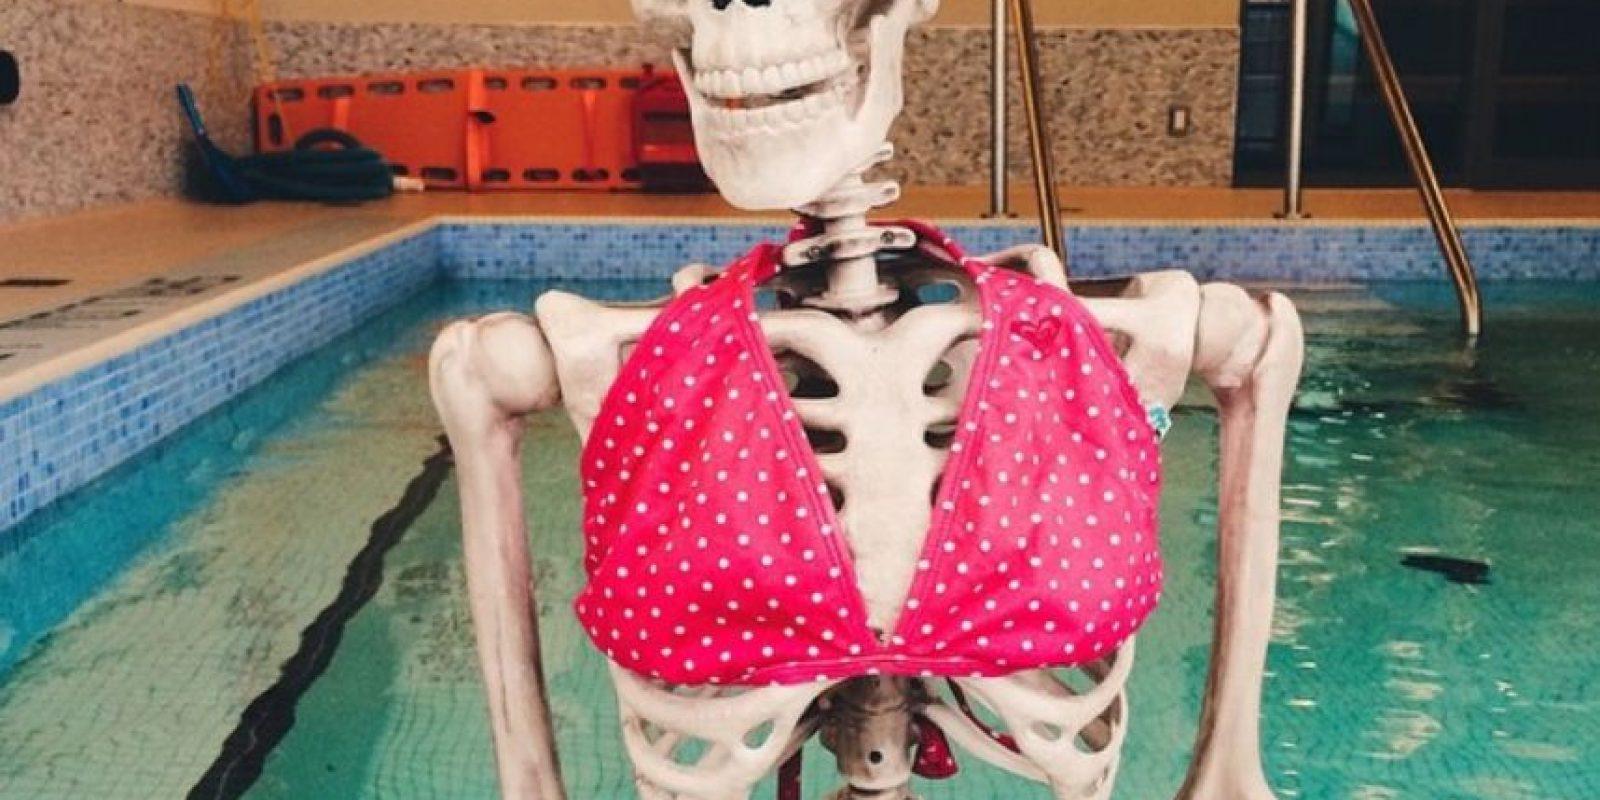 Sexy en la piscina. Foto:OmgLiterallyDead/Instagram